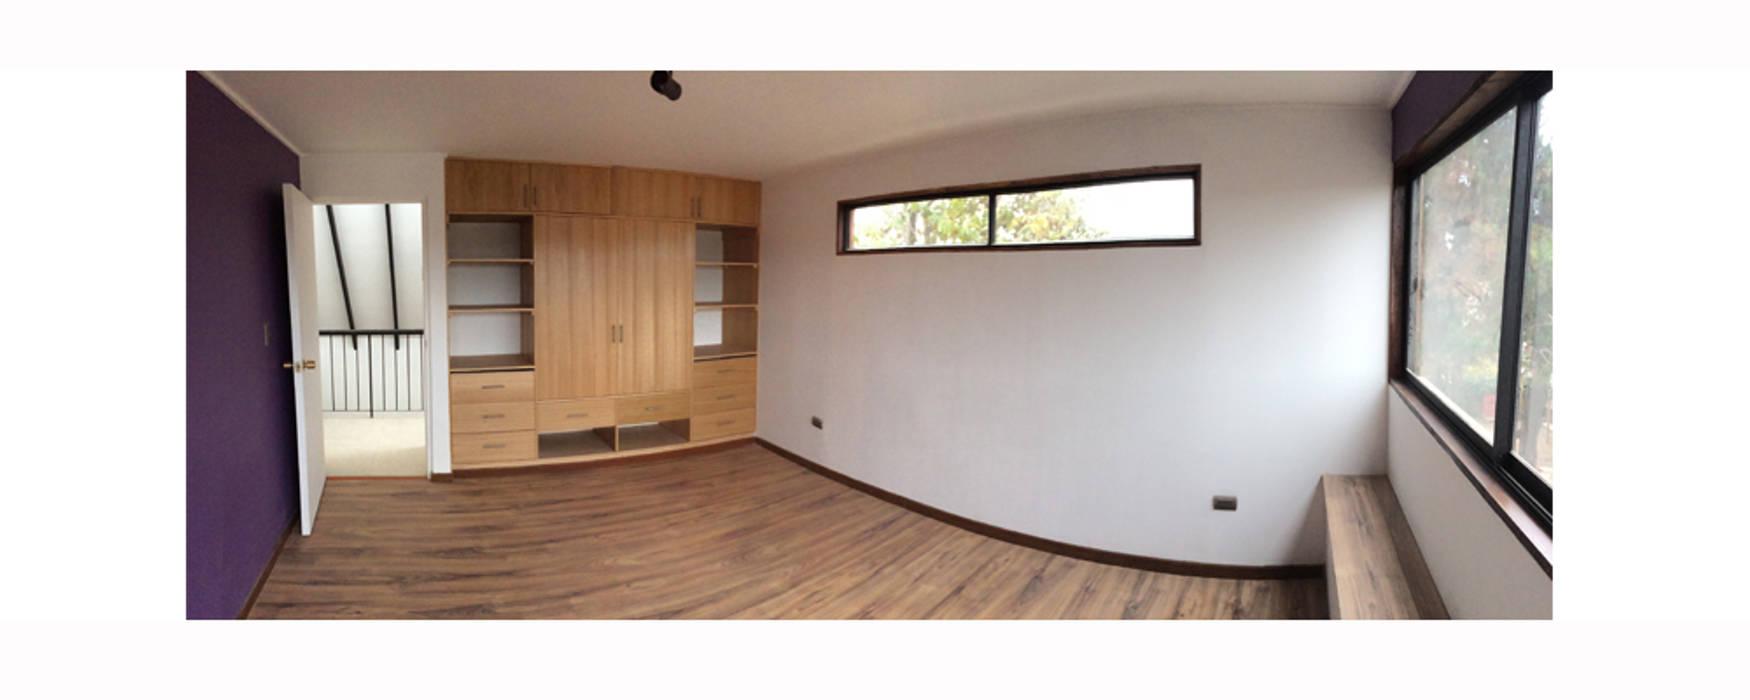 Casa Neff Herman Araya Arquitecto y constructor Dormitorios de estilo moderno